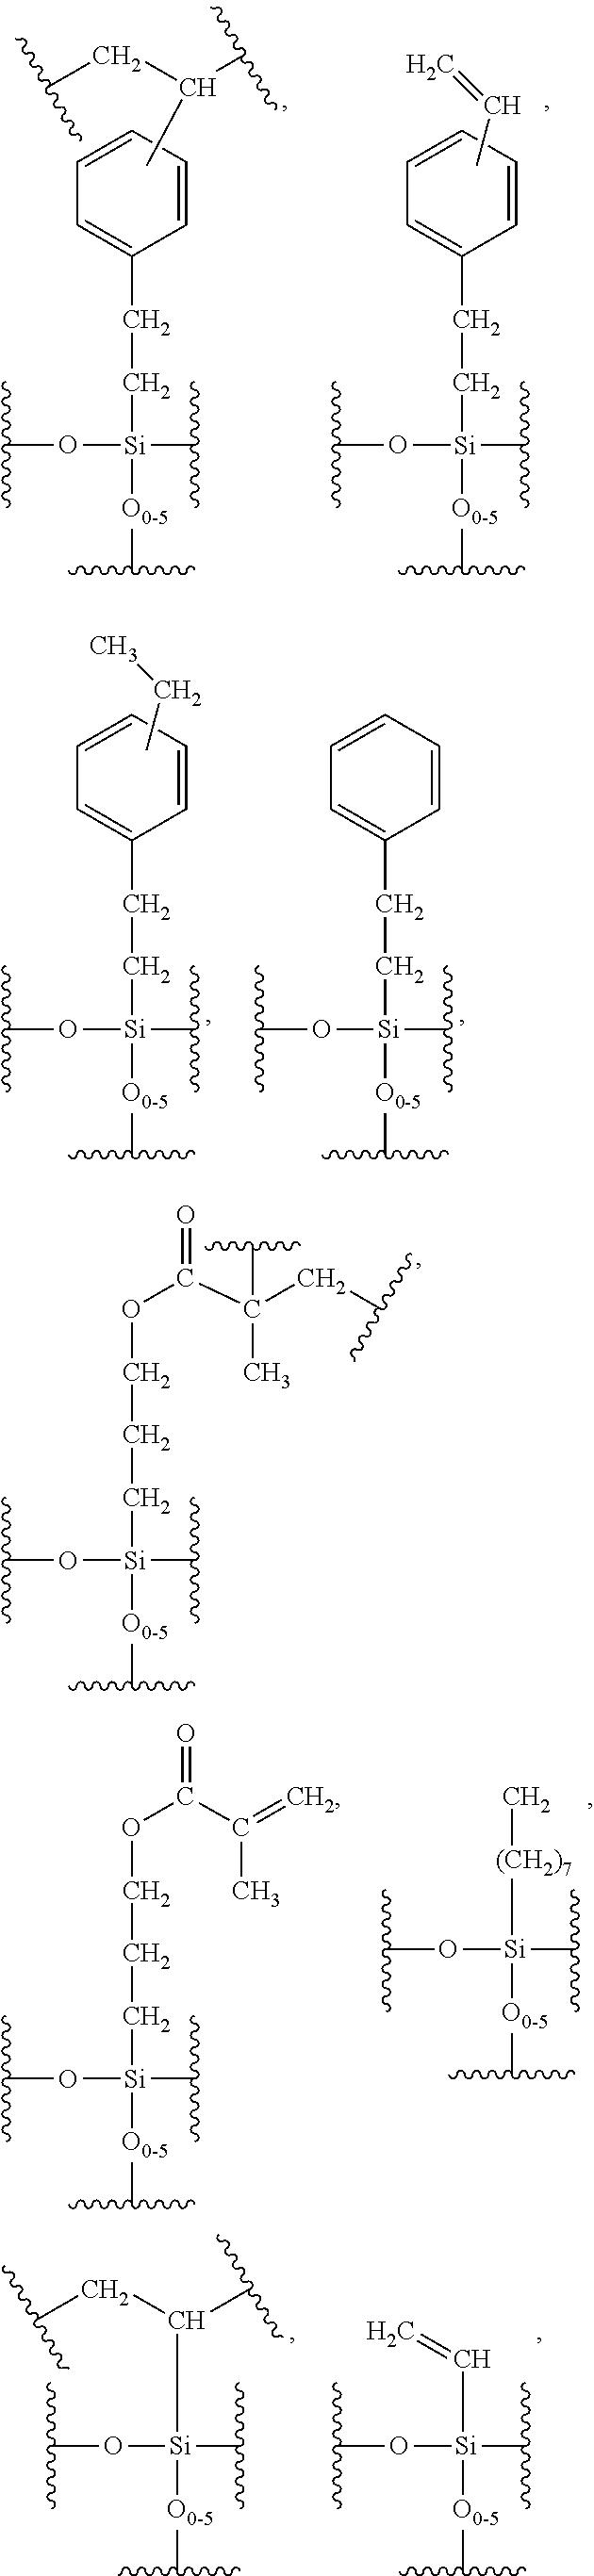 Figure US09211524-20151215-C00019